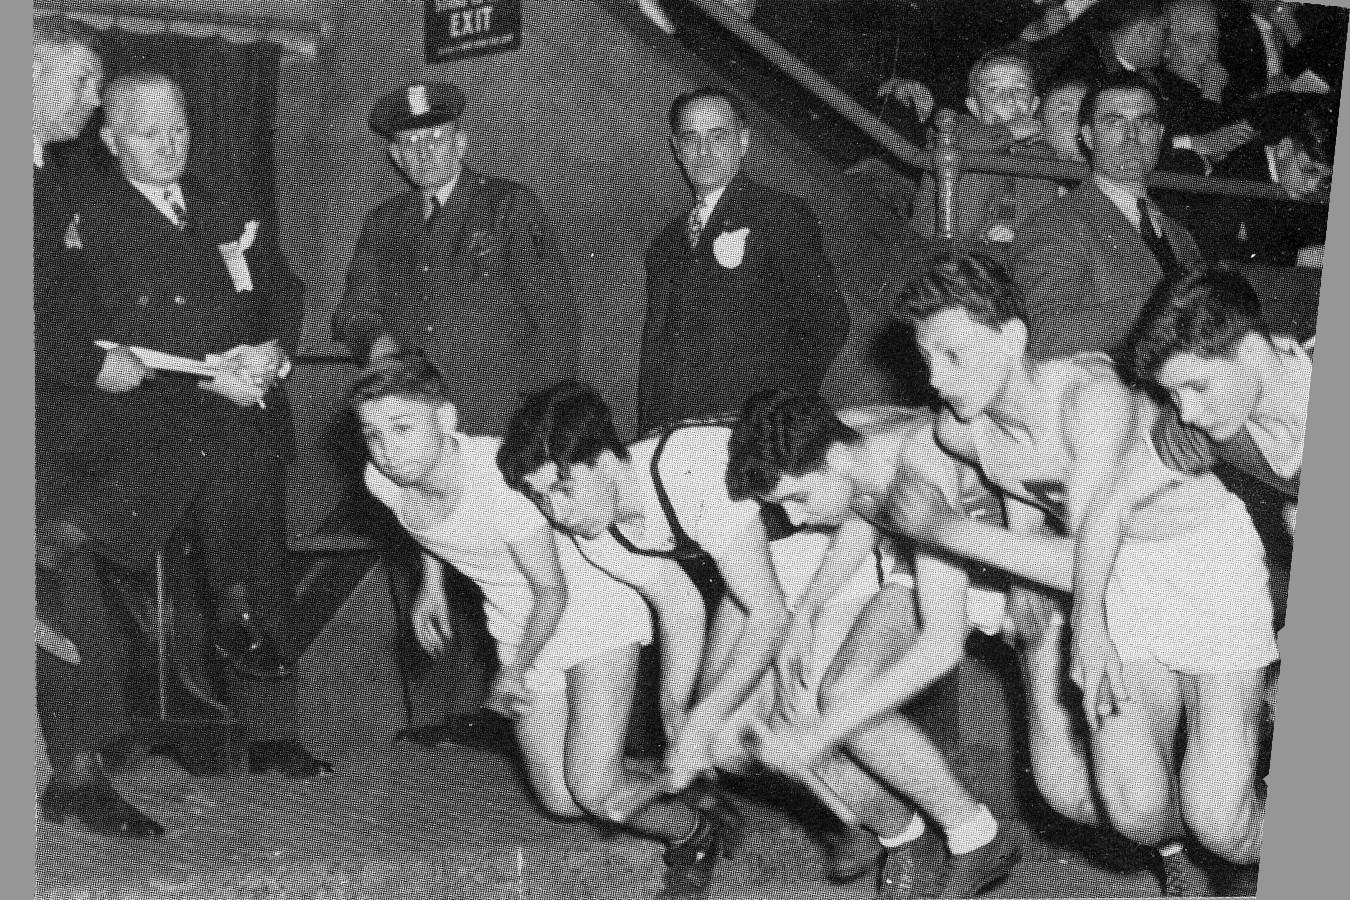 1945_Copy 4 pic 2 a